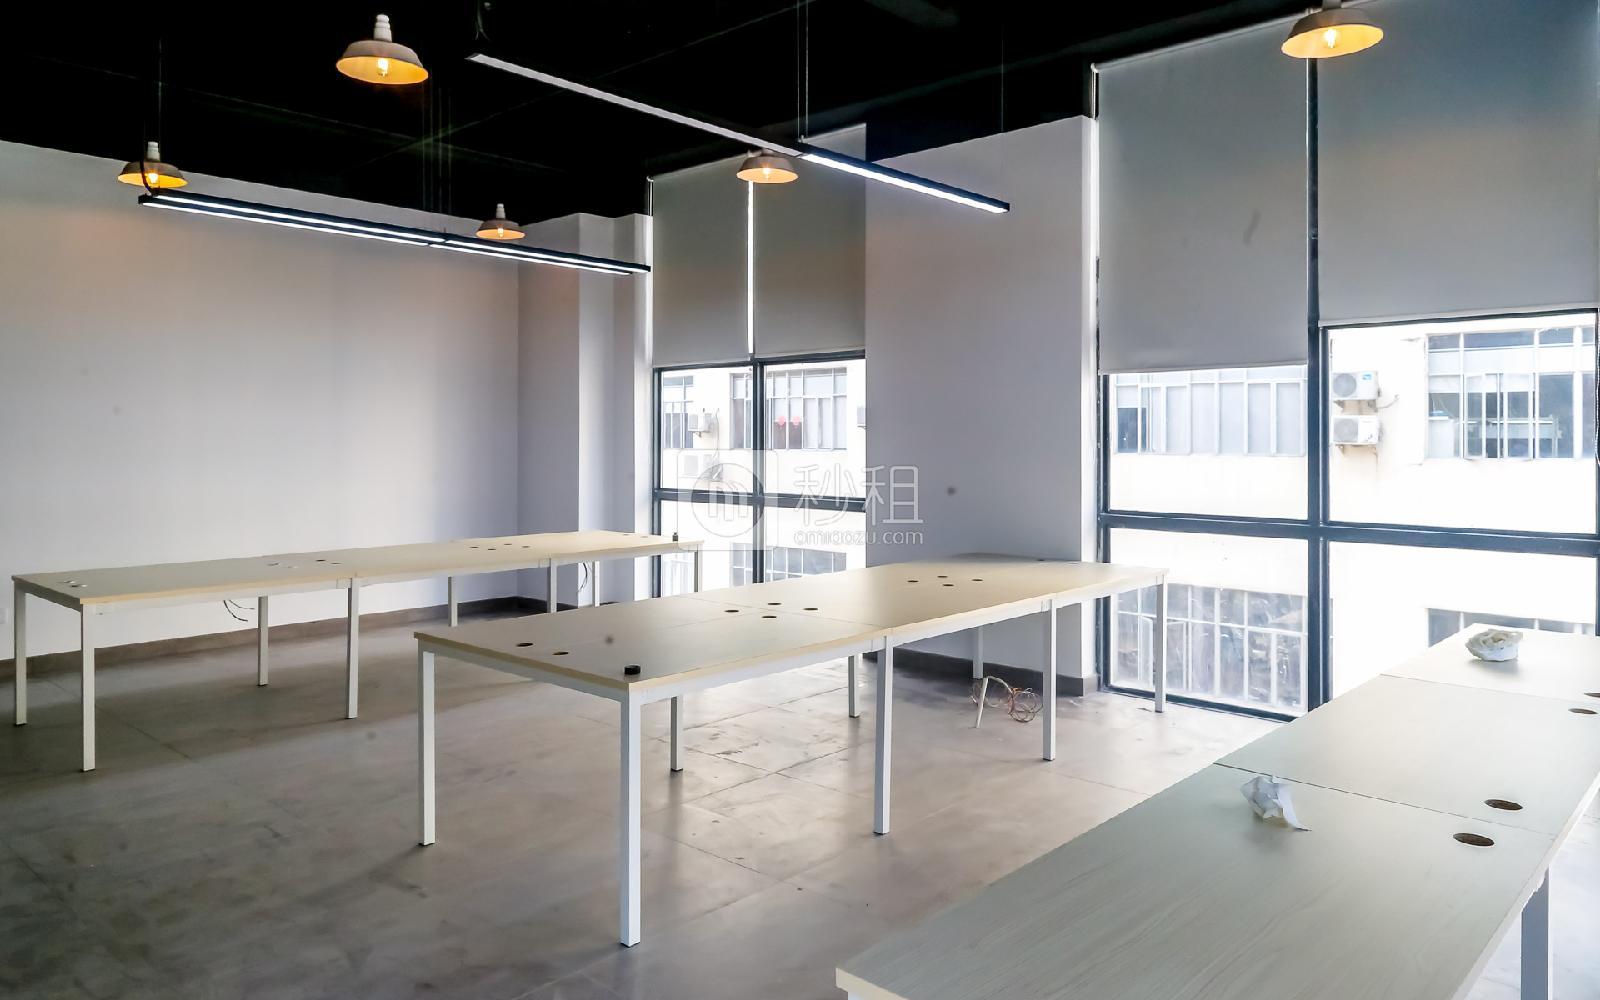 硅谷大院写字楼出租49平米精装办公室5700元/间.月